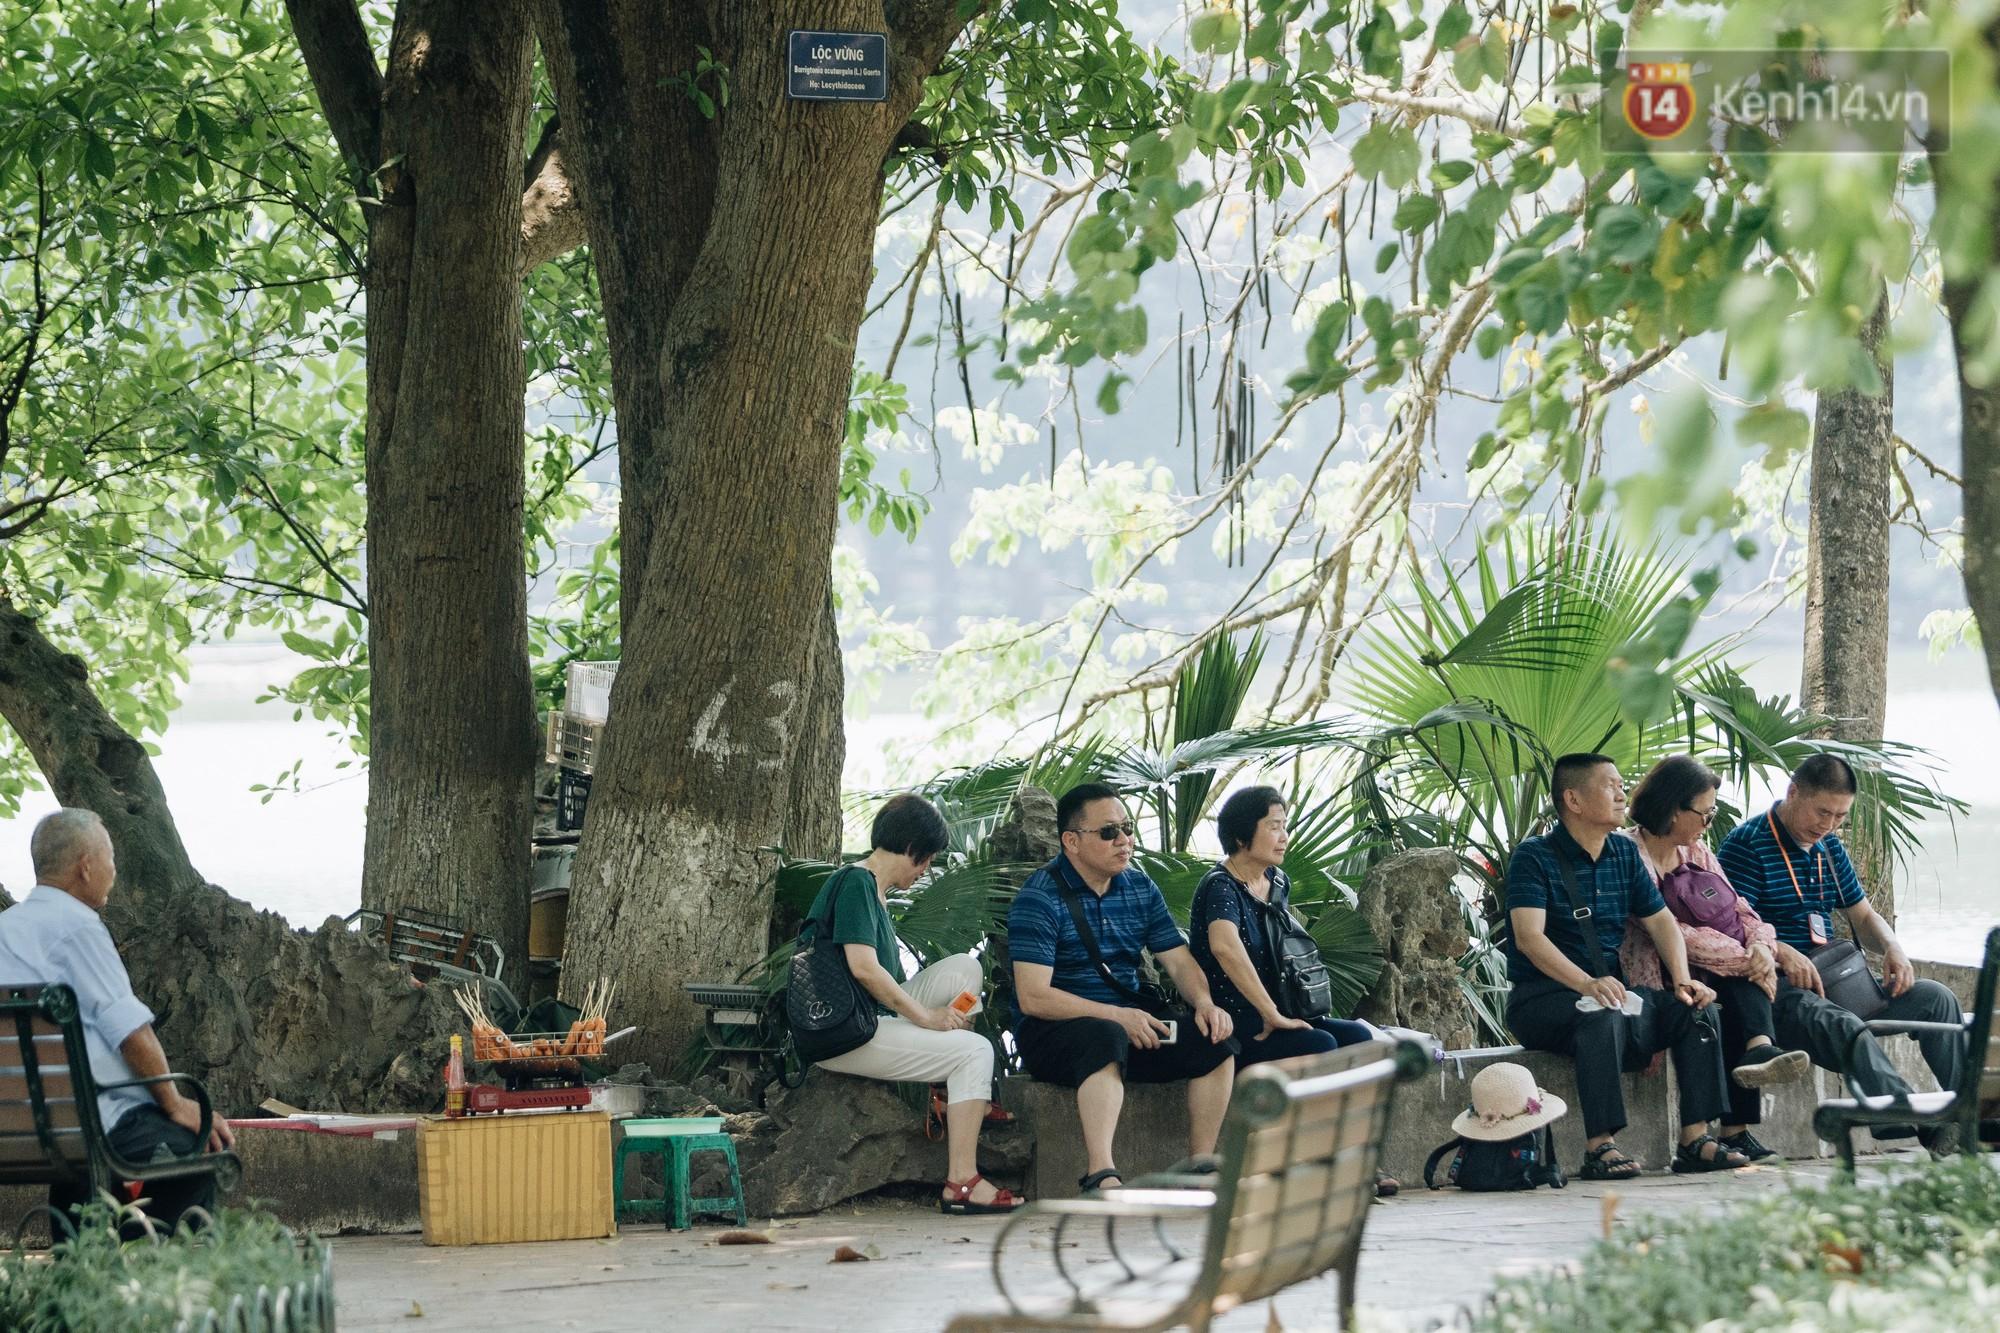 """Ảnh: Hà Nội nắng nóng """"cháy da cháy thịt"""", nhiều người không khỏi mệt mỏi tìm bóng cây nghỉ ngơi - Ảnh 16."""